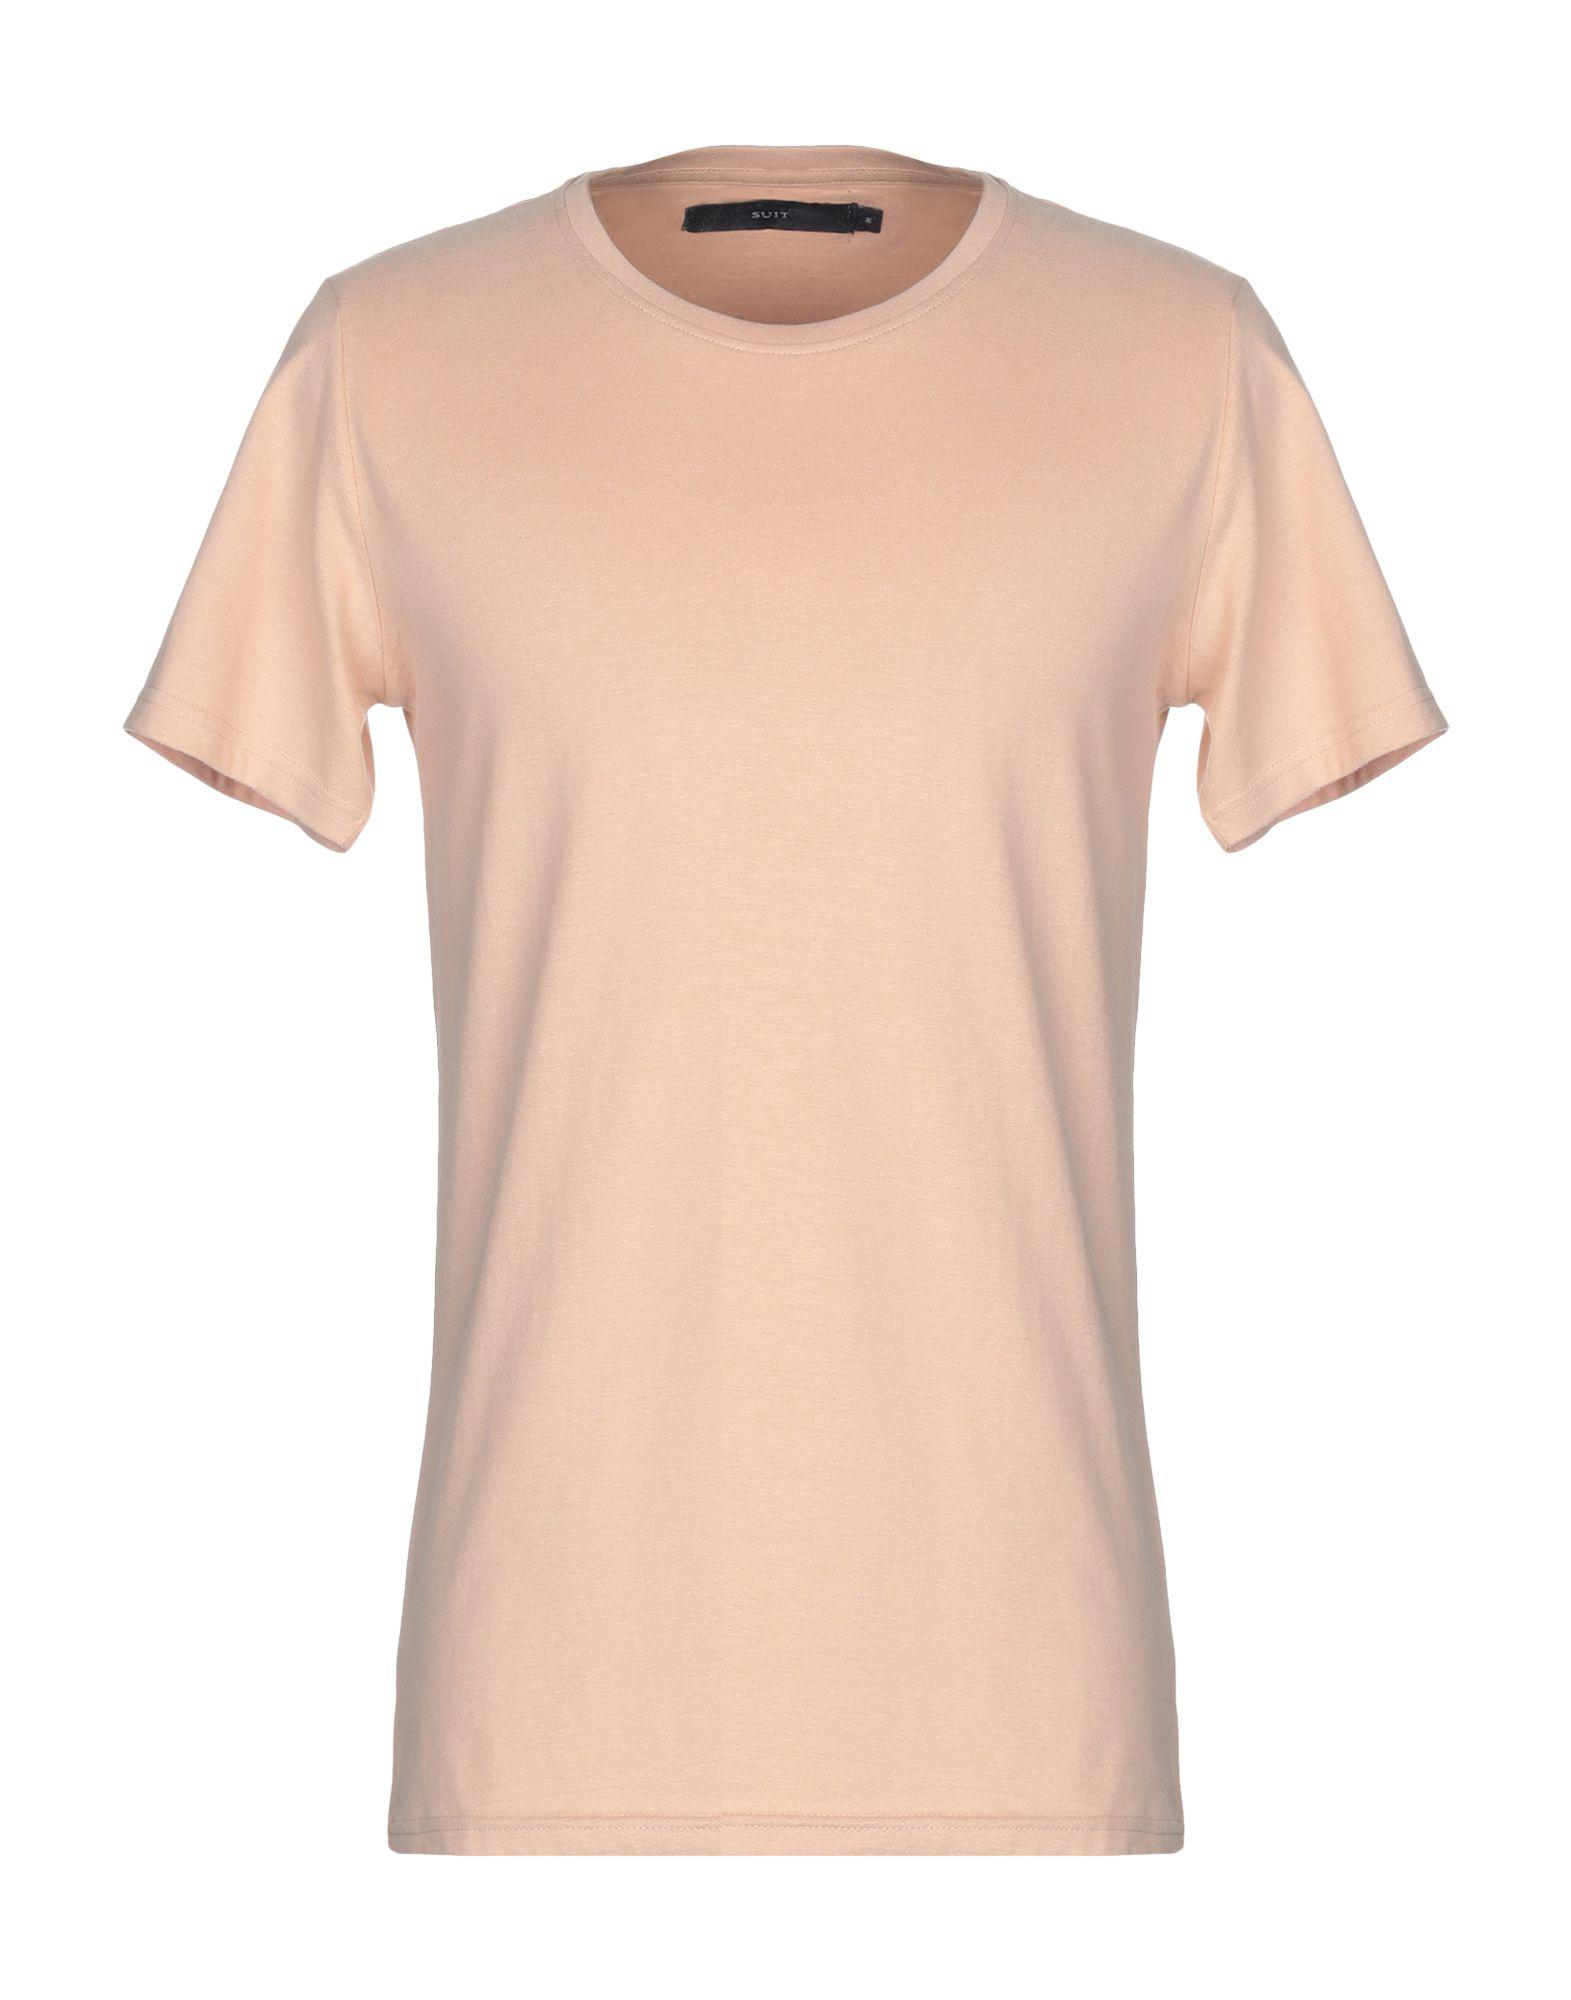 《送料無料》SUIT メンズ T シャツ ローズピンク M コットン 100%